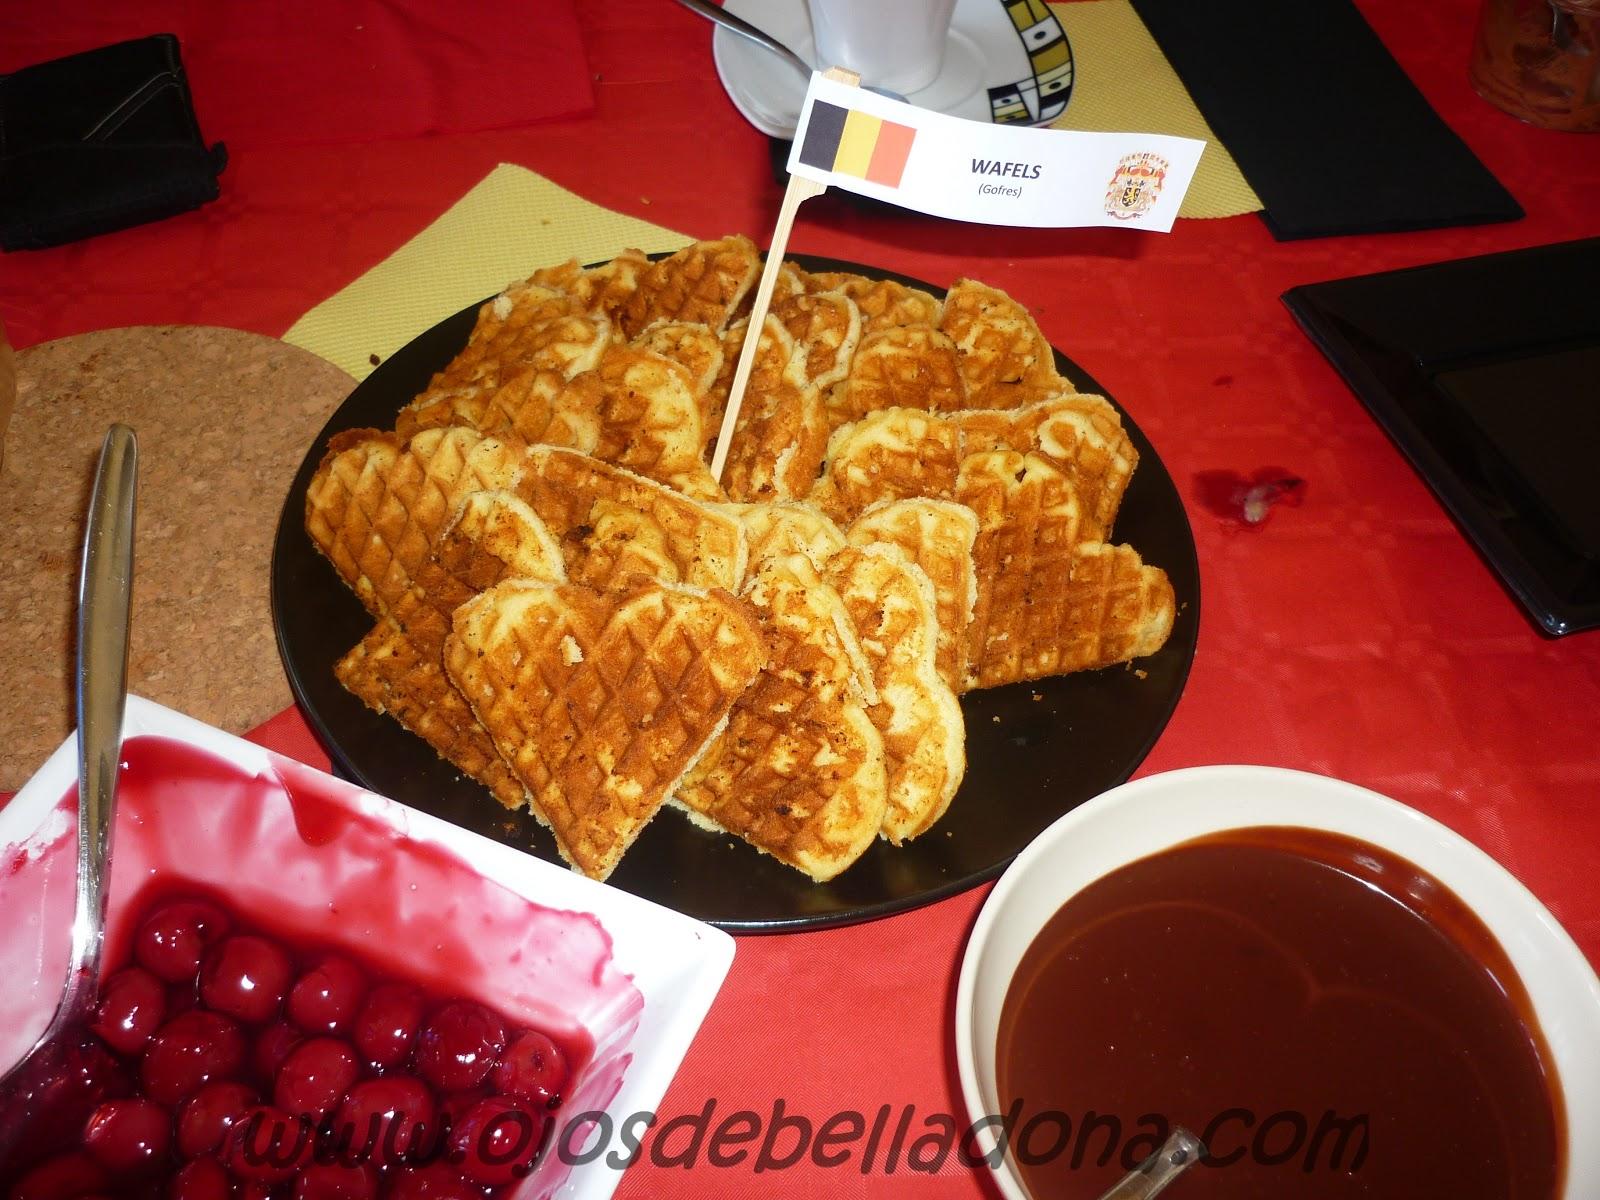 Wafels (Gofres) con chocolate y salsa de cereza, Bélgica